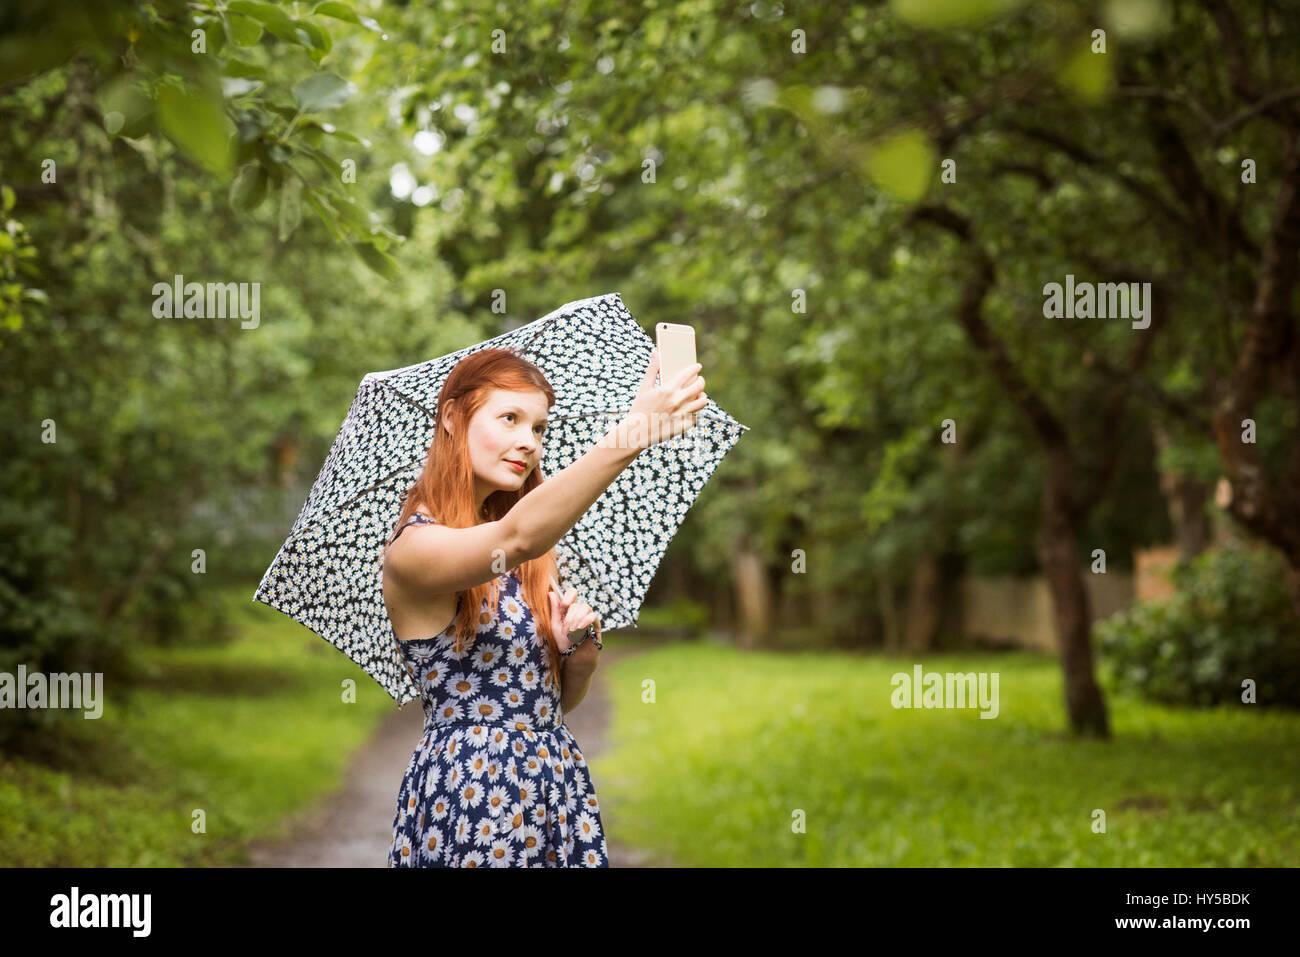 Finnland, Pirkanmaa, Tampere, Frau mit geblümten Kleid mit Regenschirm in Park und unter selfie Stockbild